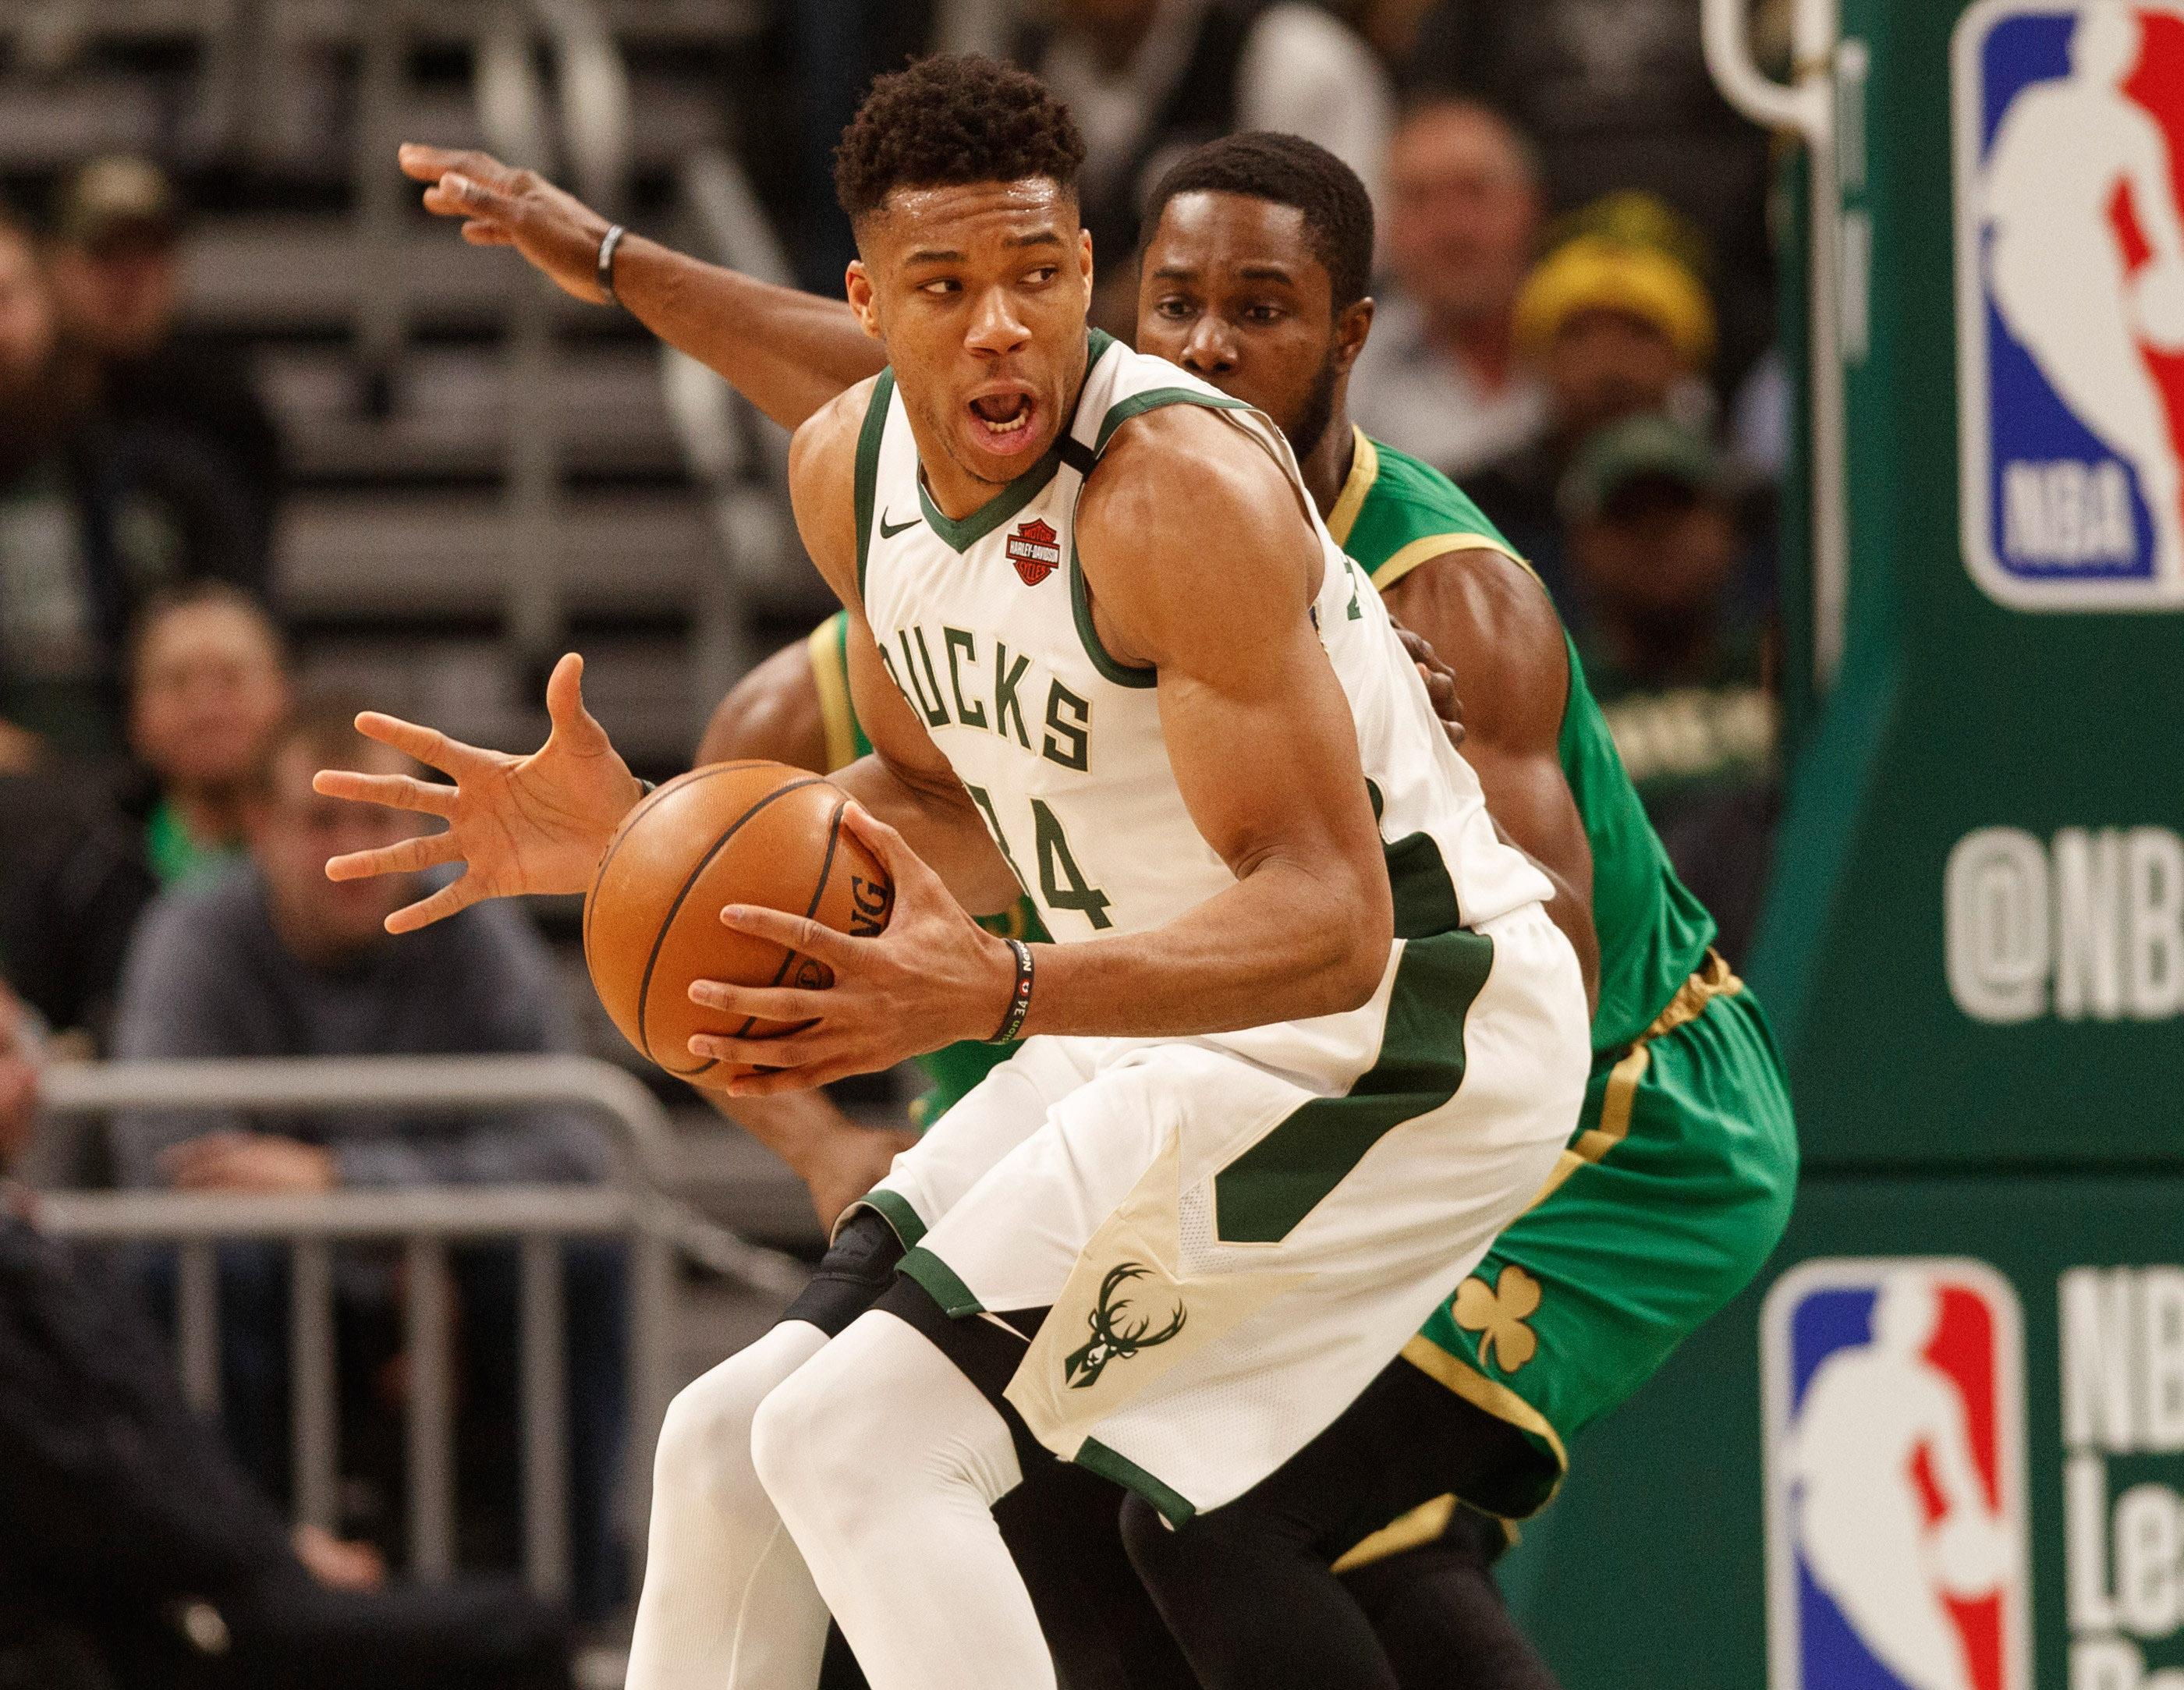 Milwaukee Bucks forward Giannis Antetokounmpo during the game against the Boston Celtics at Fiserv Forum.